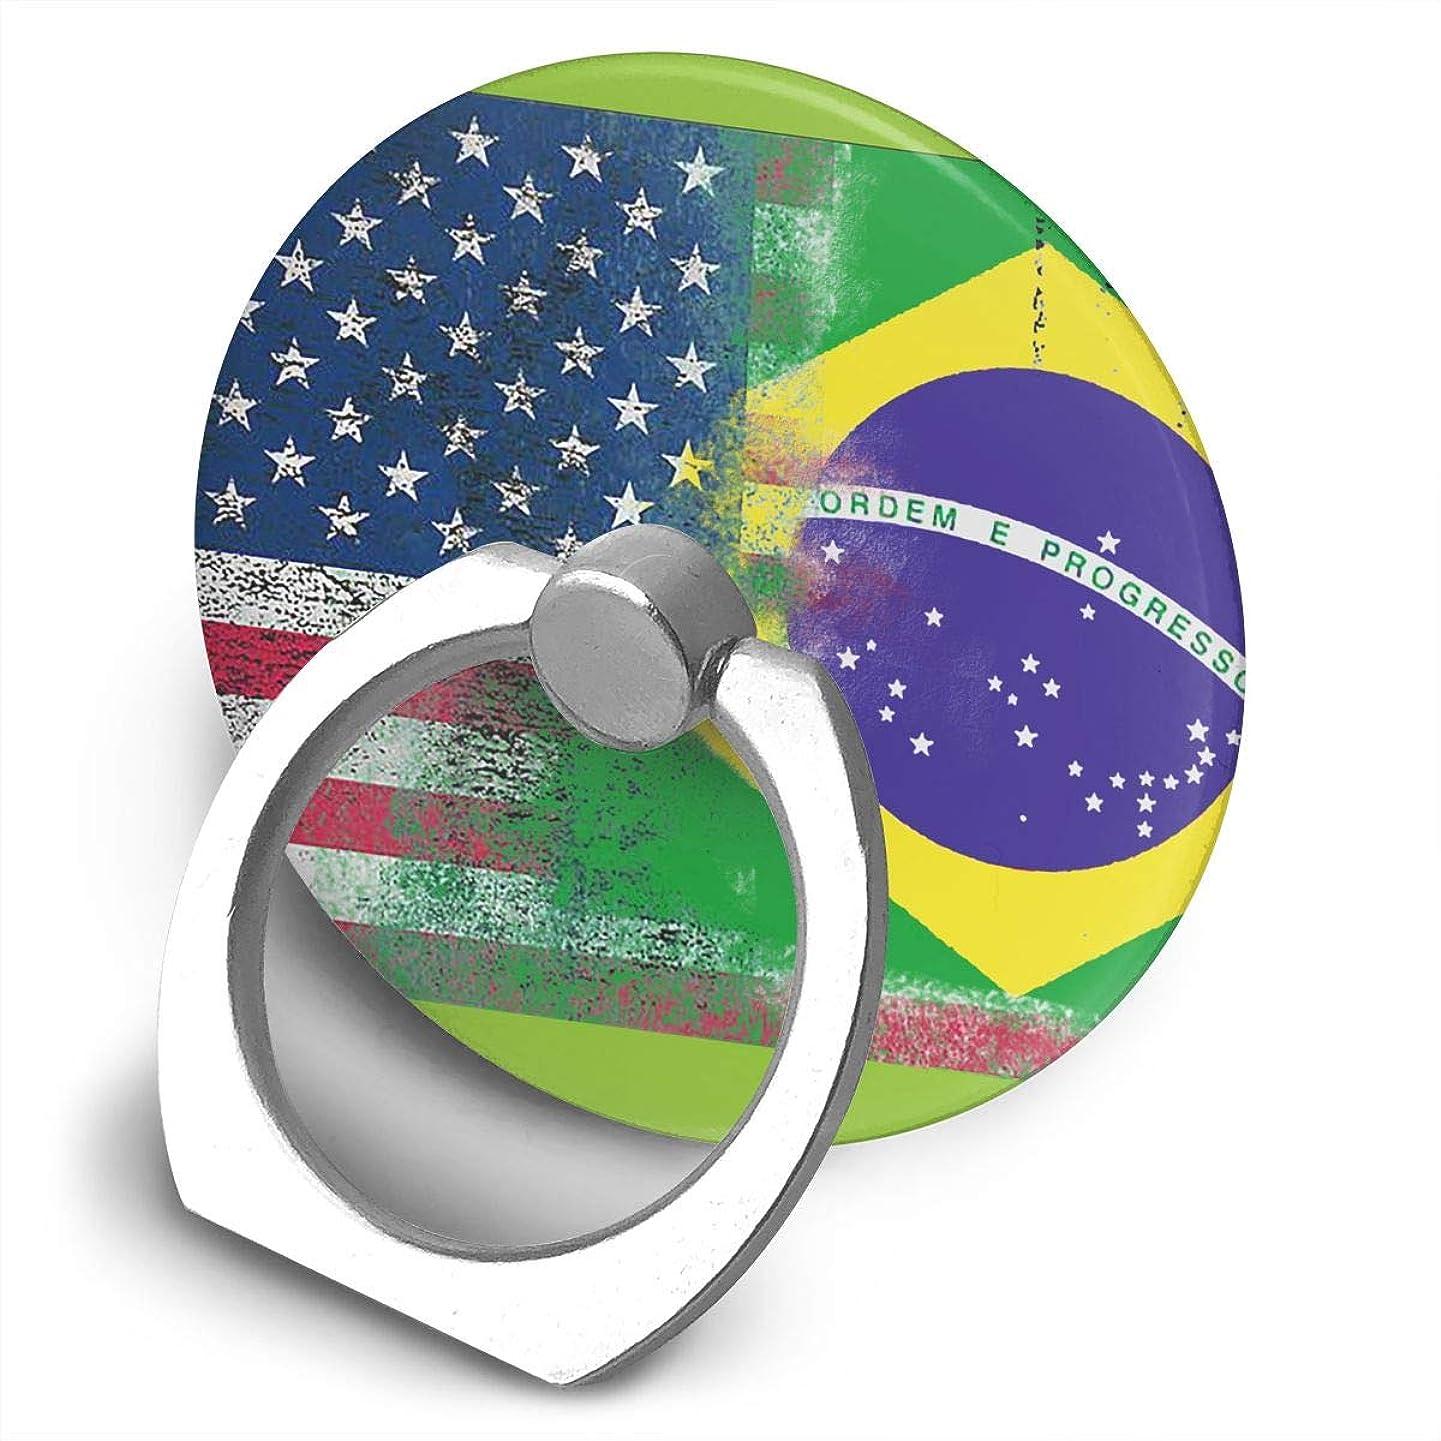 約排泄する先駆者ブラジルの旗 360度回転 携帯リング スタンド スマホスタンド ホルダー 薄型 指輪 リング 携帯アクセサリースタンド機能 落下防止